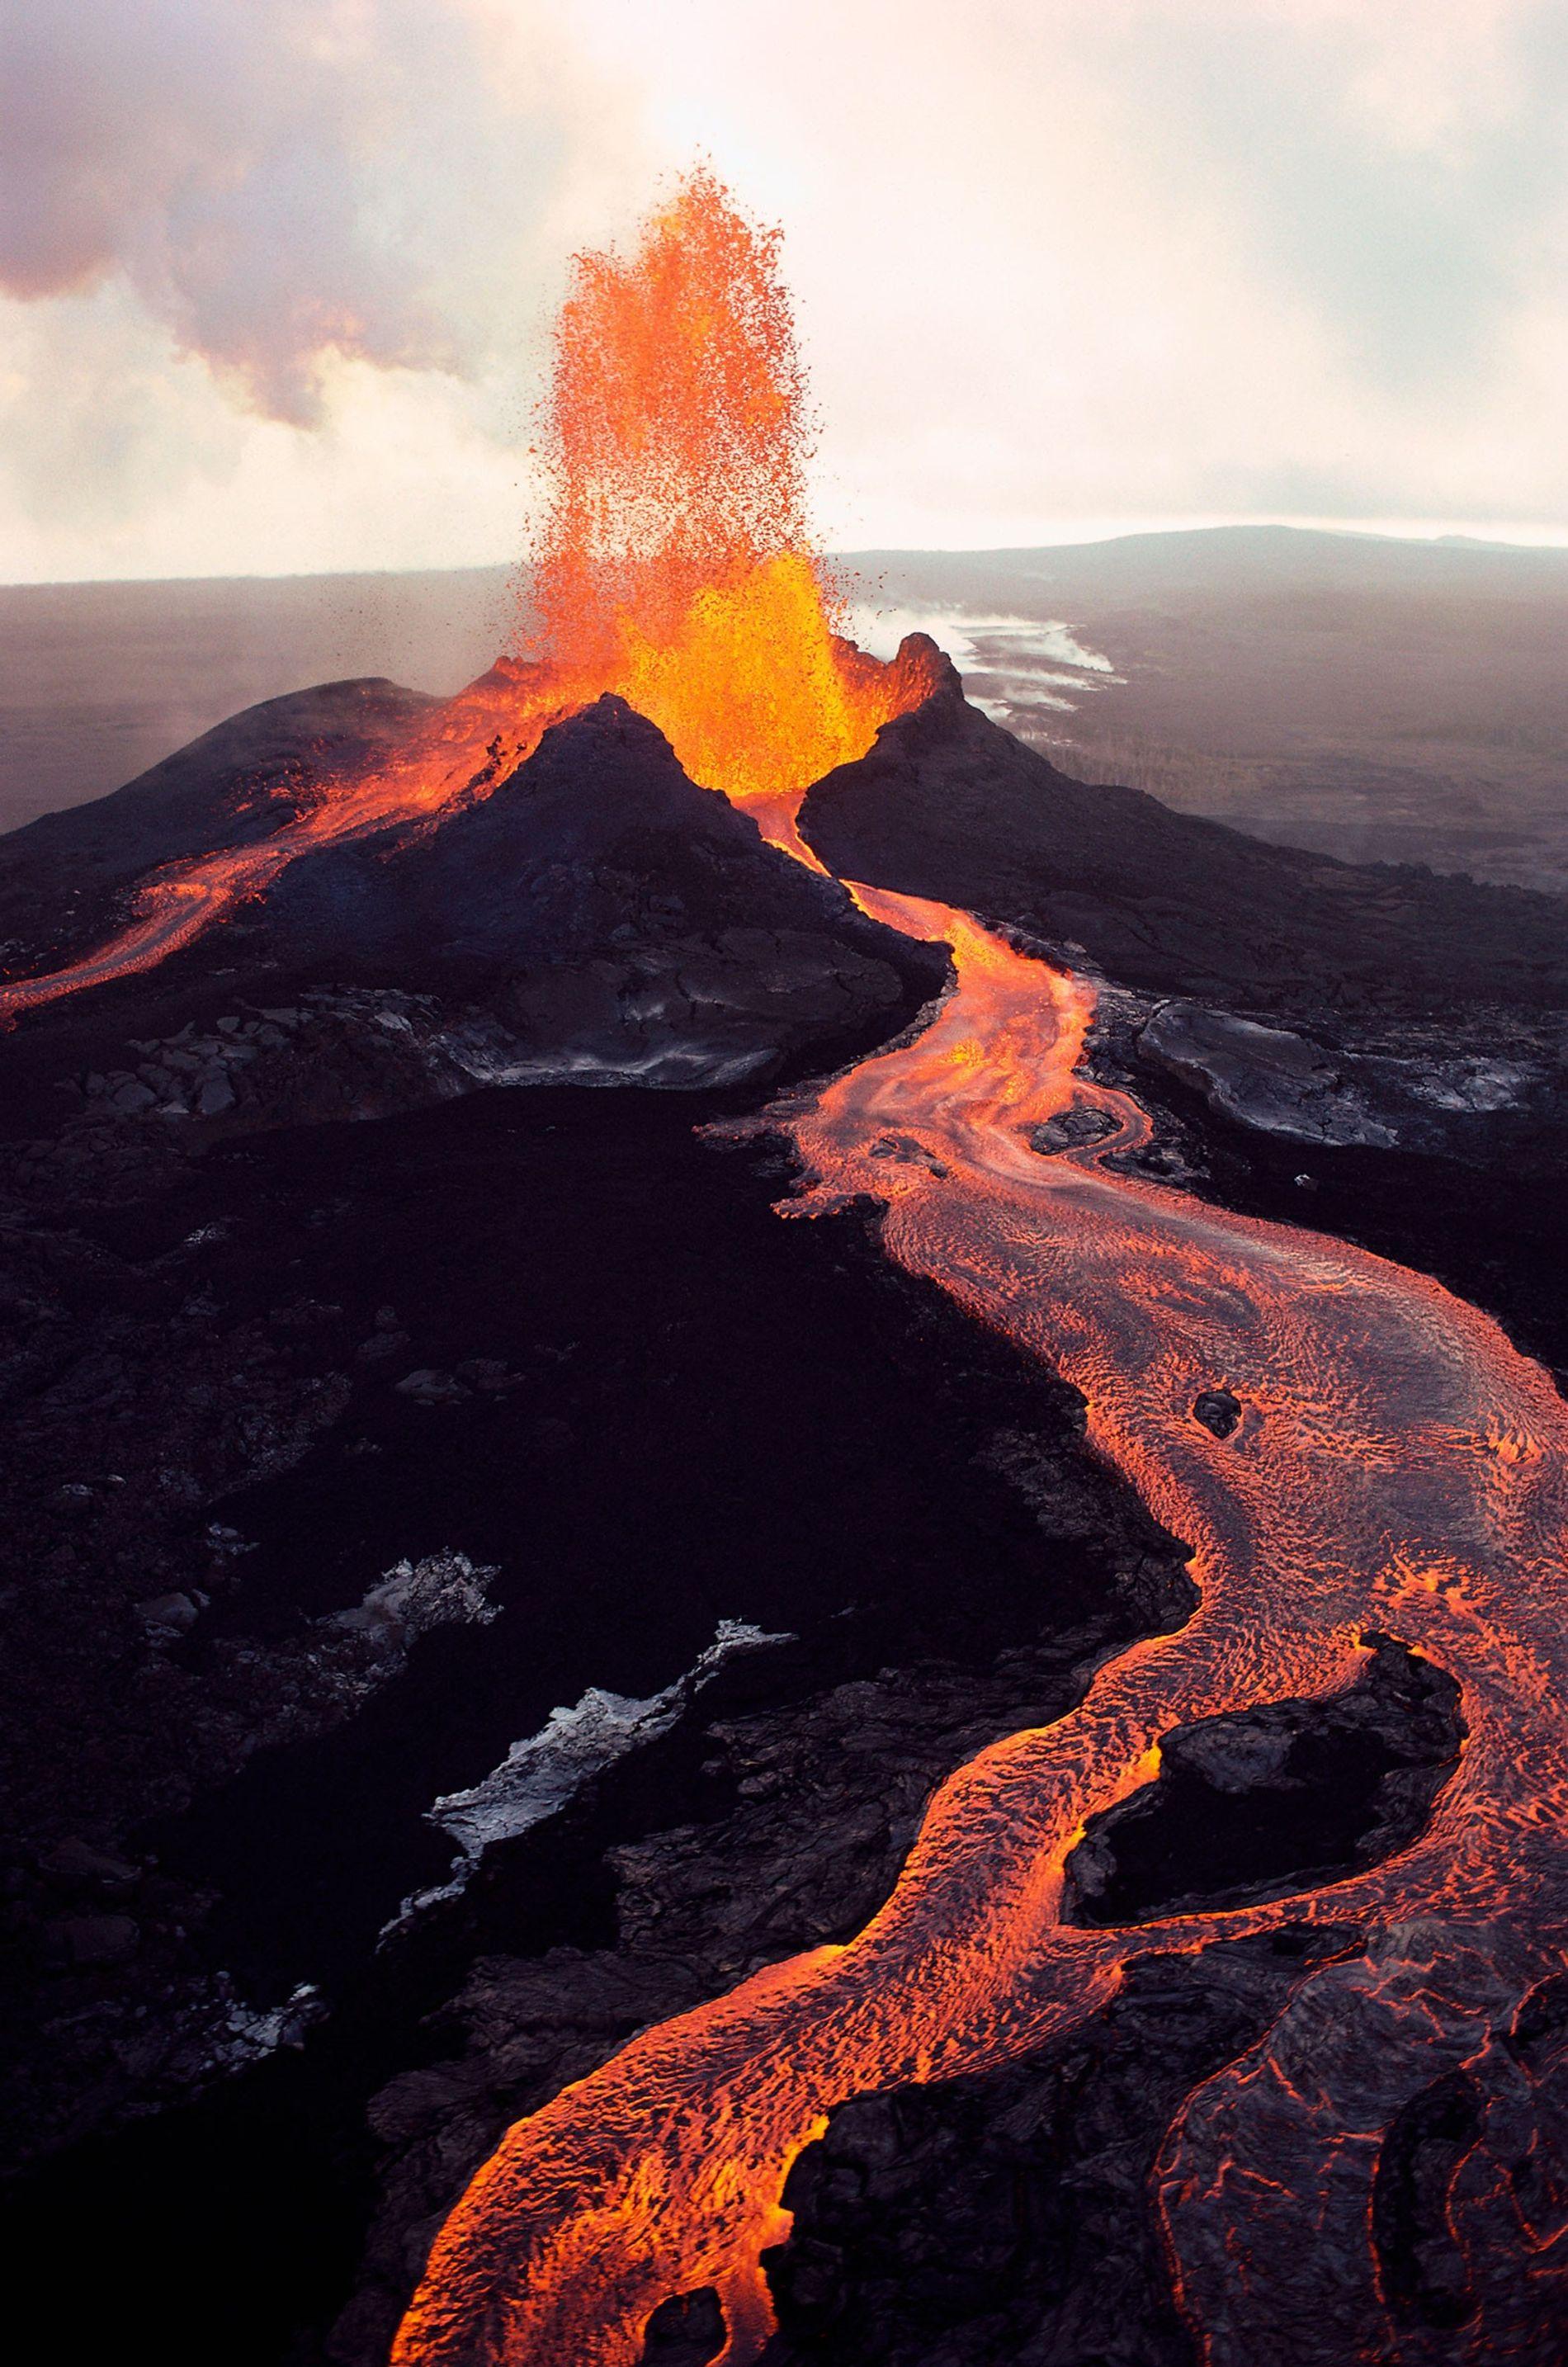 Pu'u 'Ō'ō, der östlichste Vulkanschlot des Kīlauea, speit flüssige Lava, die in Strömen über Big Island ...